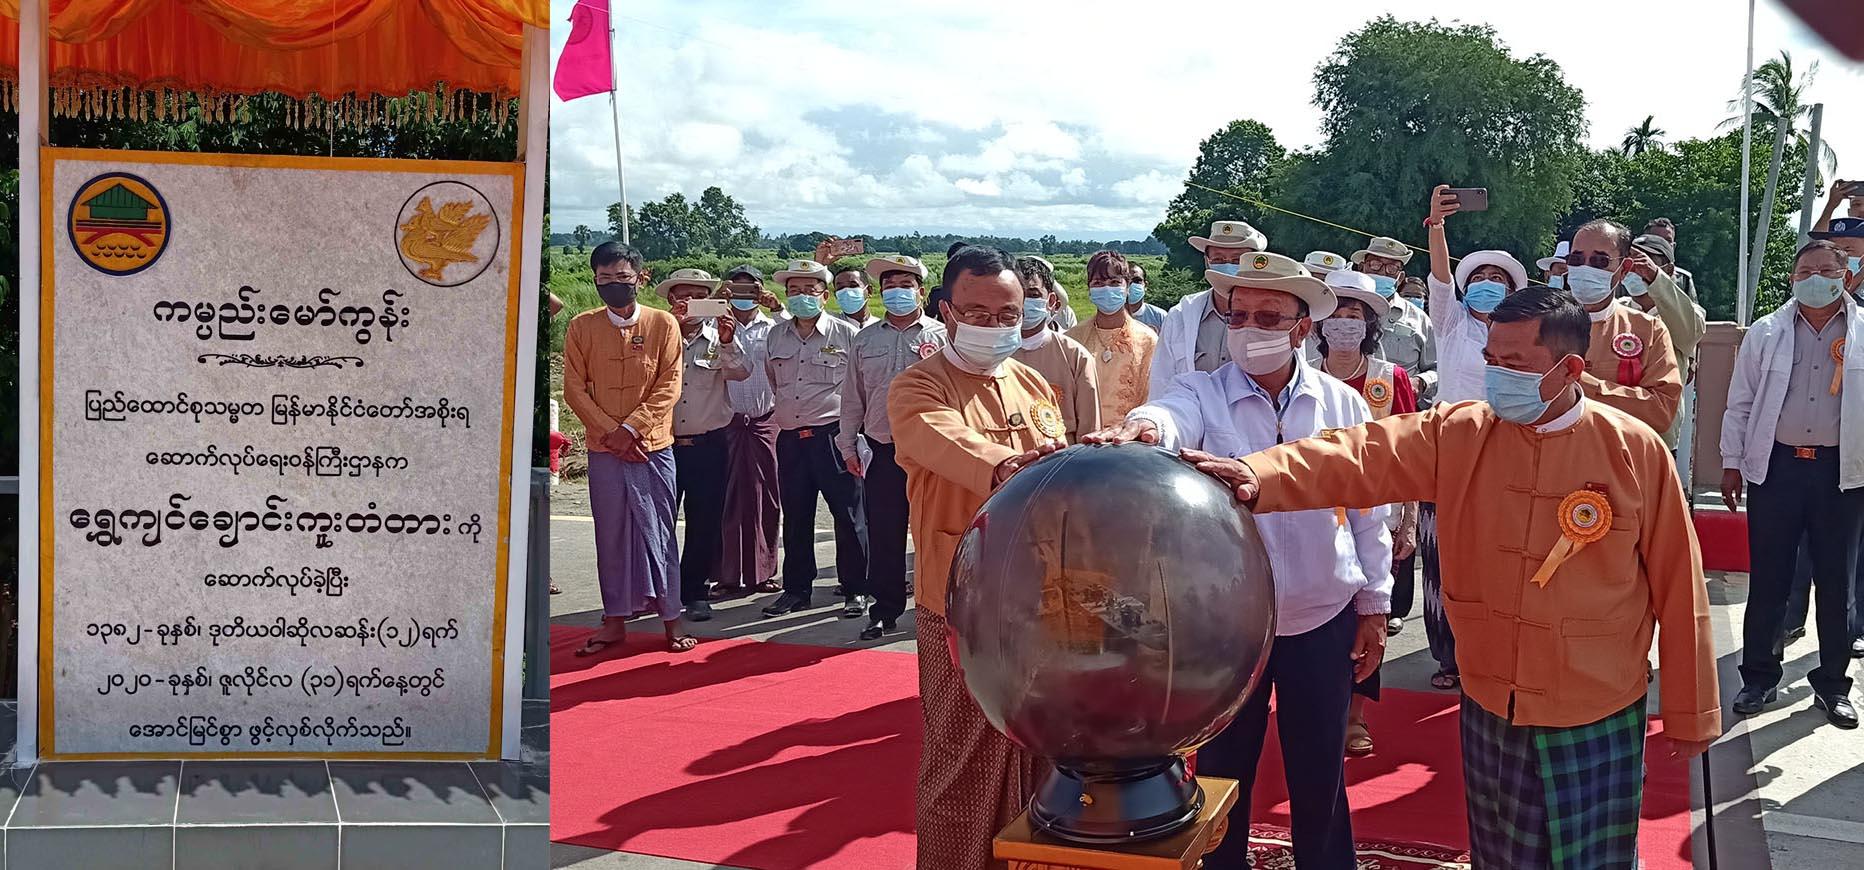 Union Minister U Han Zaw (C), Bago Region Chief Minister U Win Thein (R) and Hluttaw Speaker U Khin Maung Yin (L) unveil the Shwekyin Creek-Crossing Bridge Plaque on 31 July 2020.Photo: MNA